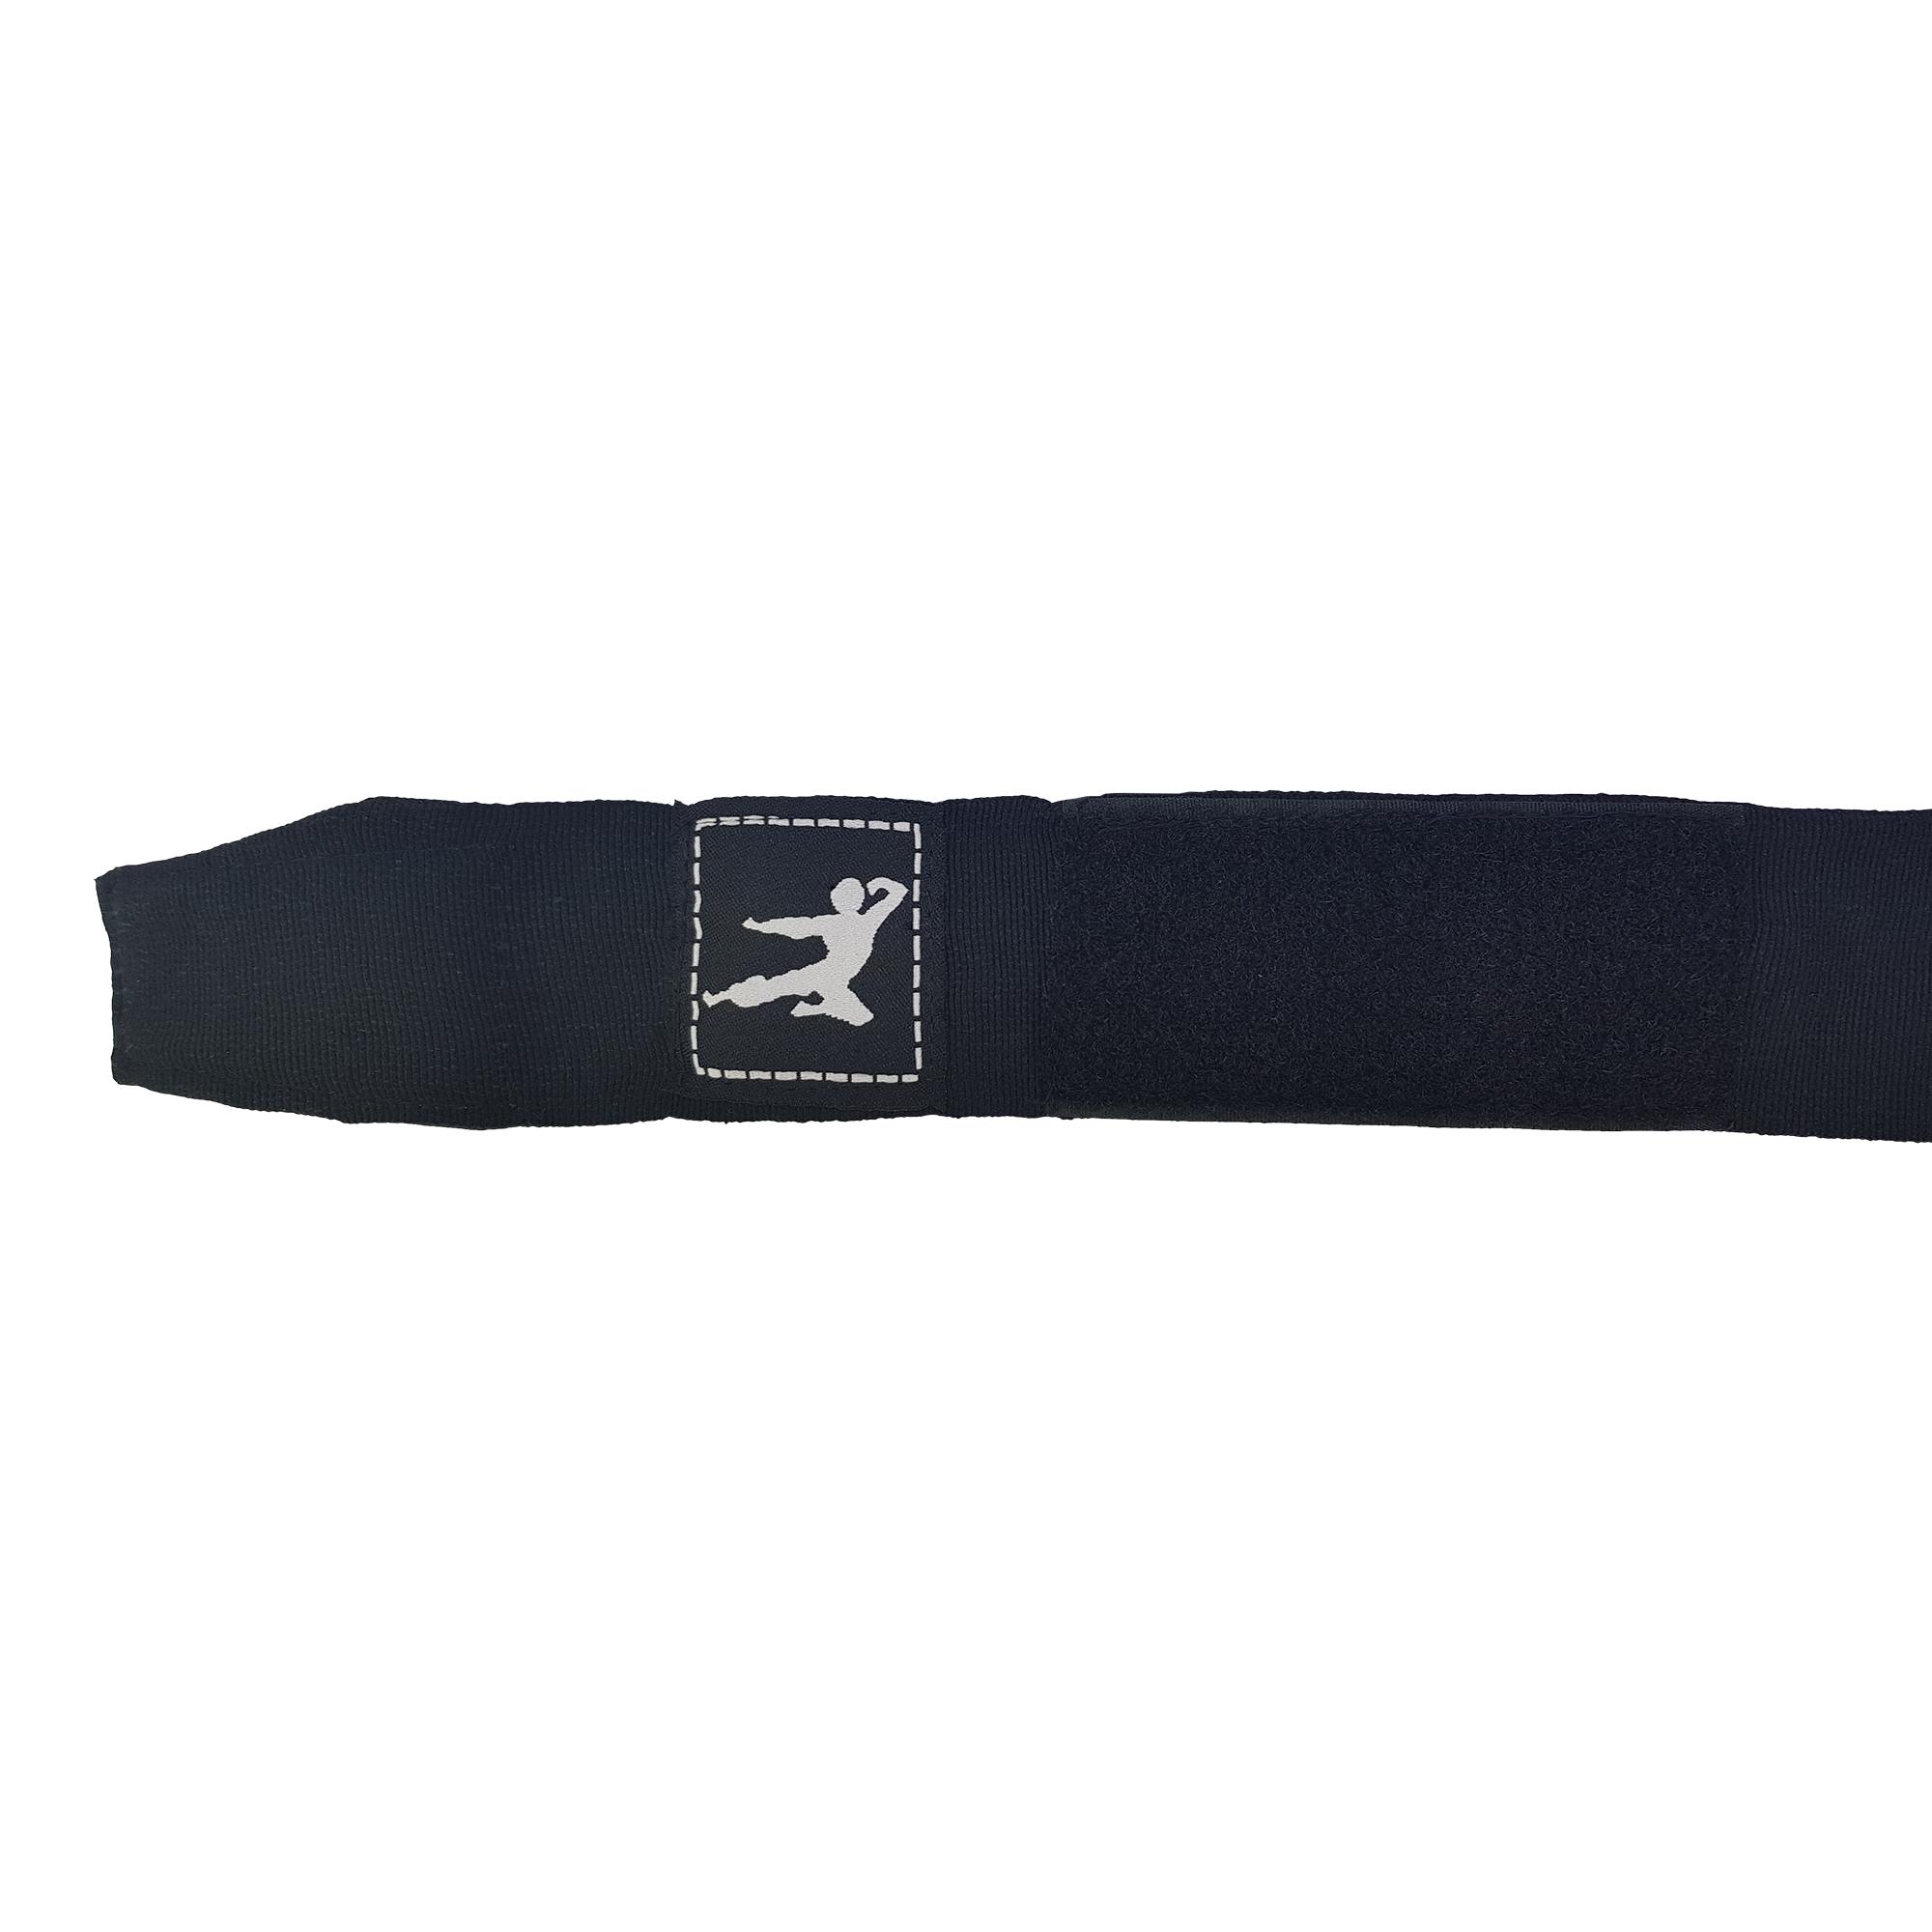 Boks Bandage - Paar - 250 cm (Meerdere kleuren) - Zwart